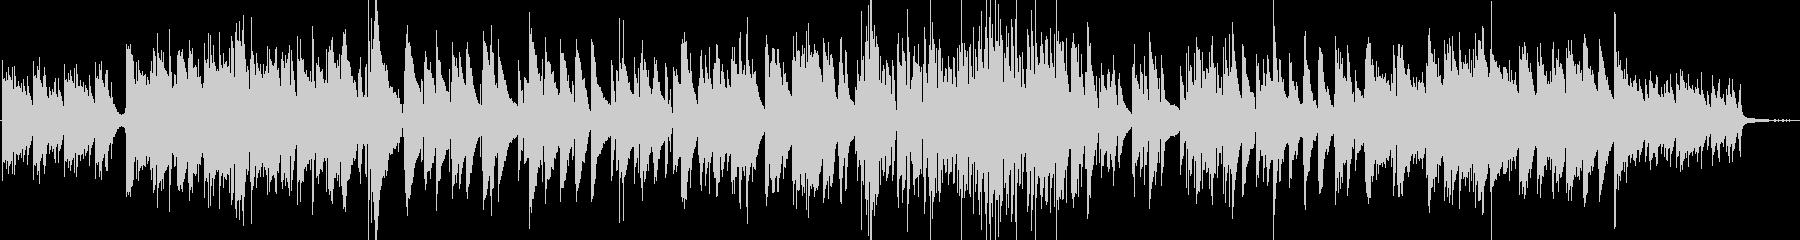 キラキラした印象のピアノトリオの未再生の波形